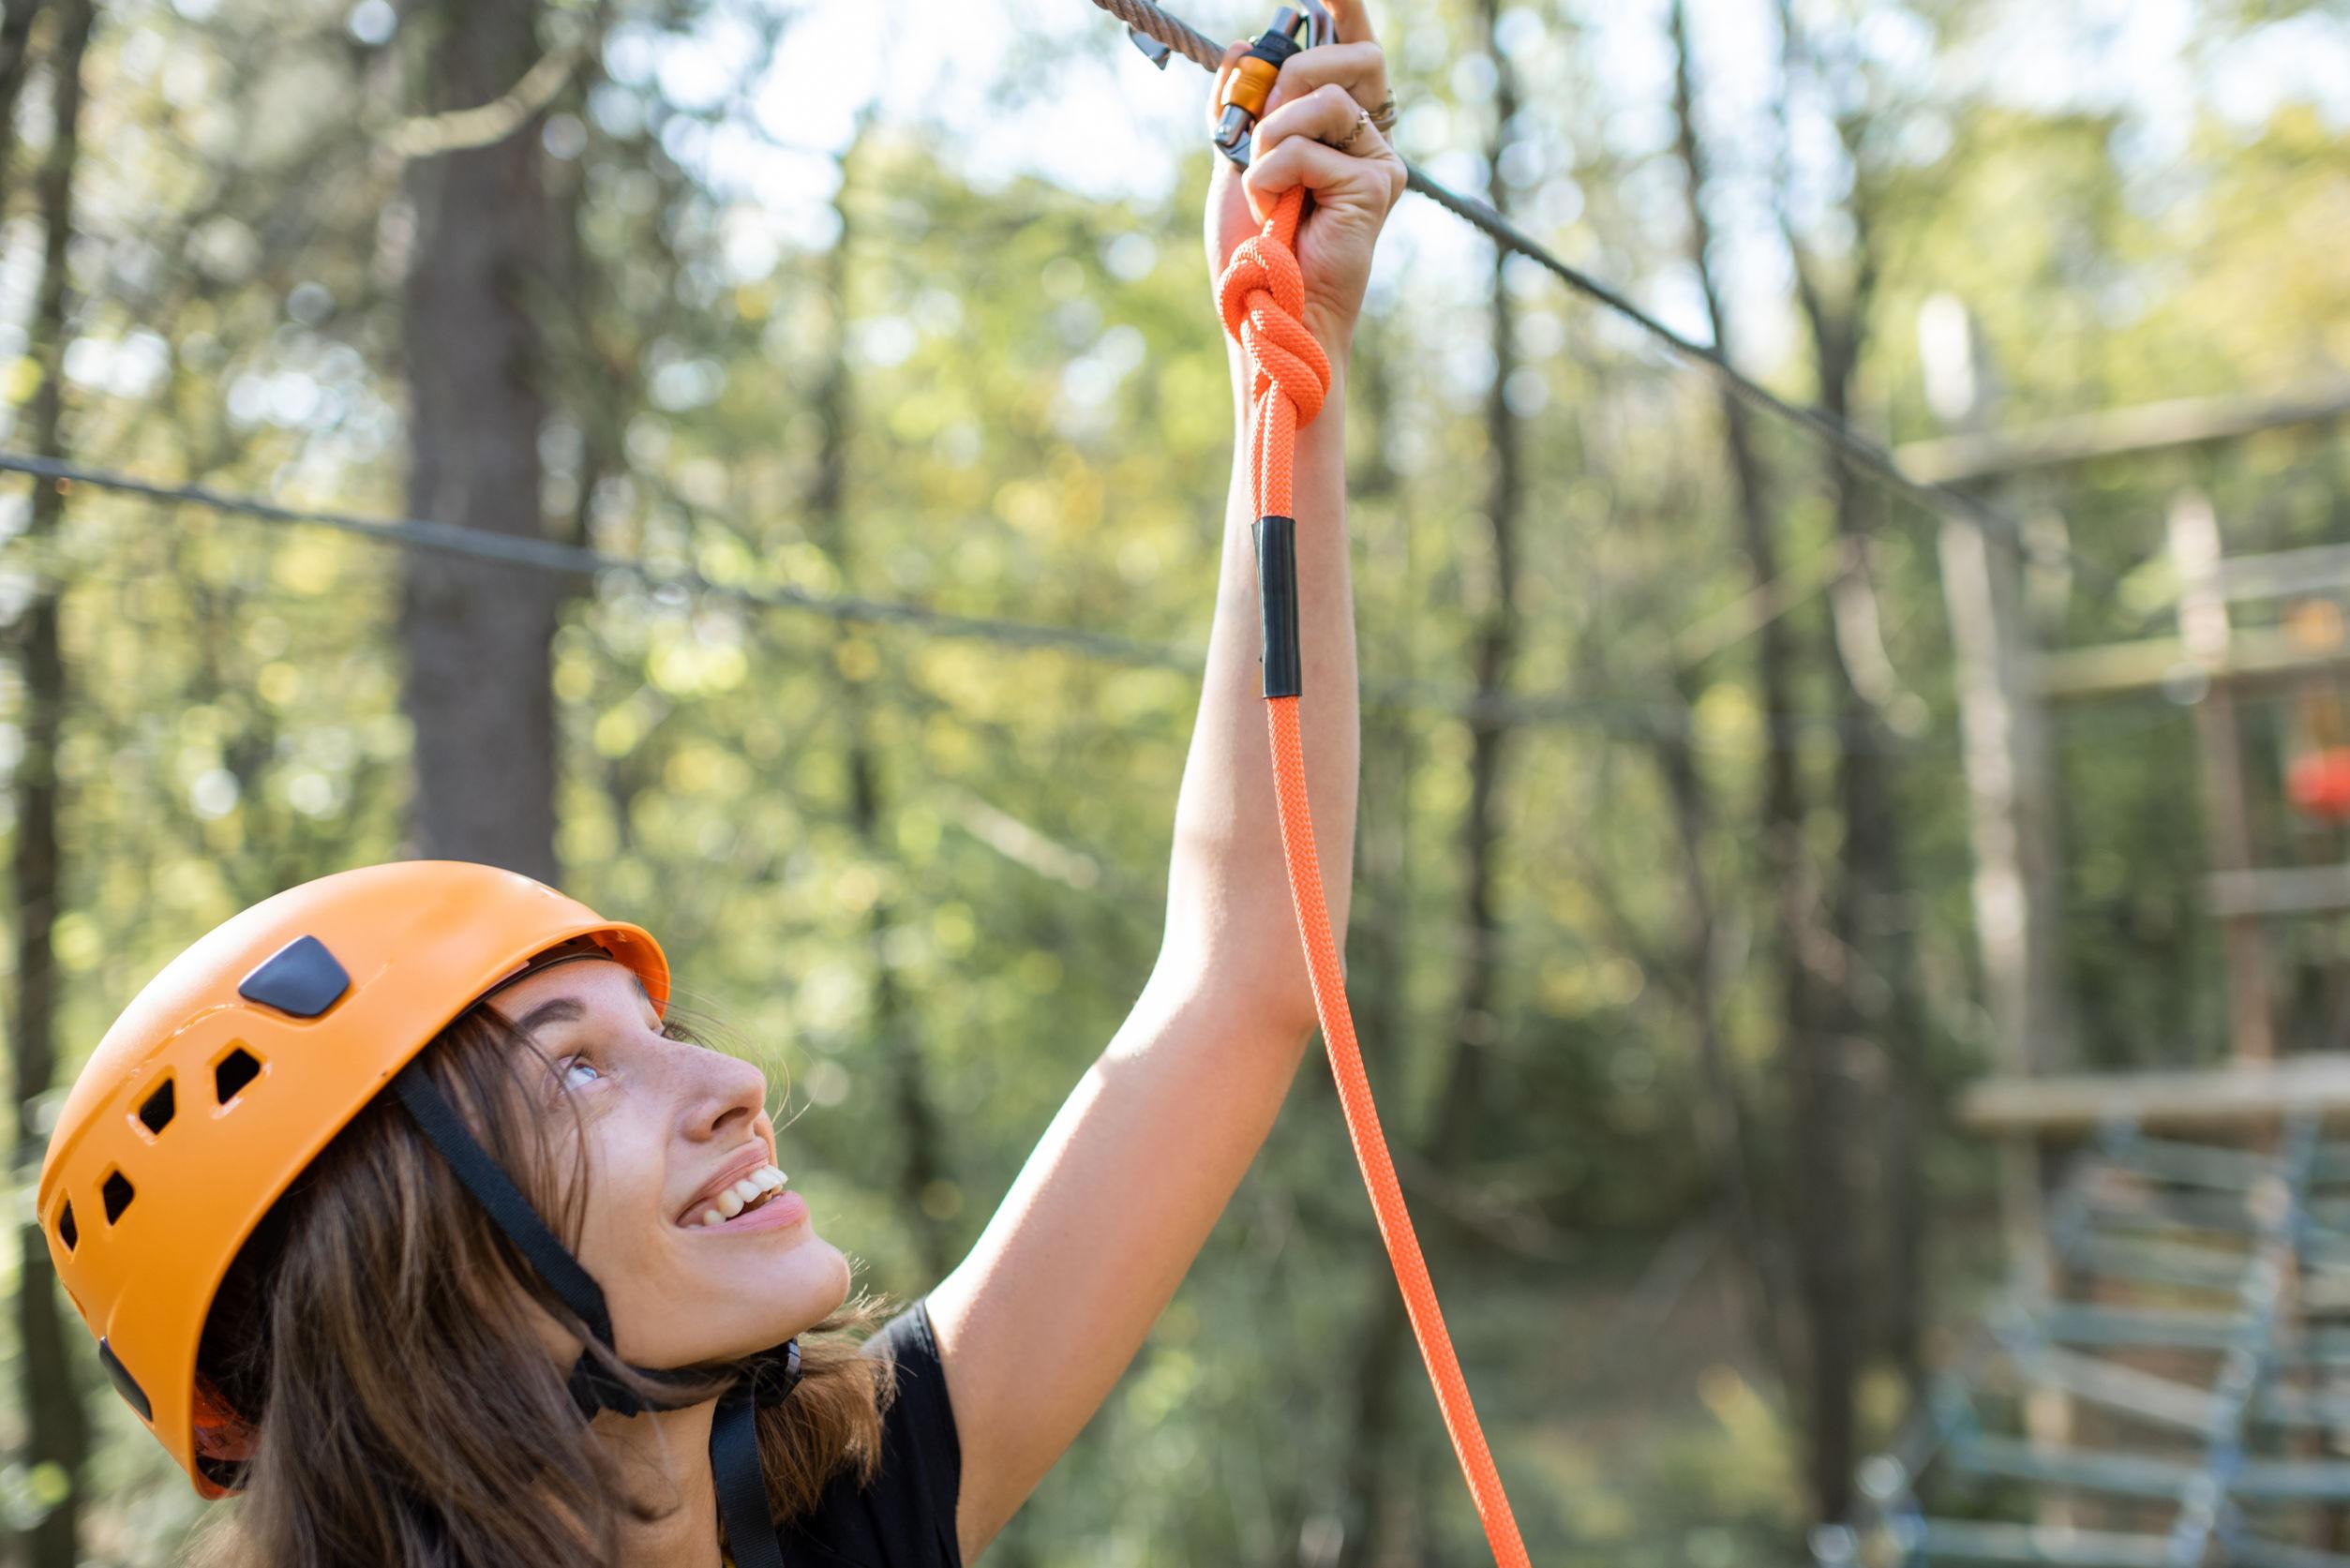 Retrato de una joven mujer bien equipada con una recreación activa en un parque de cuerdas